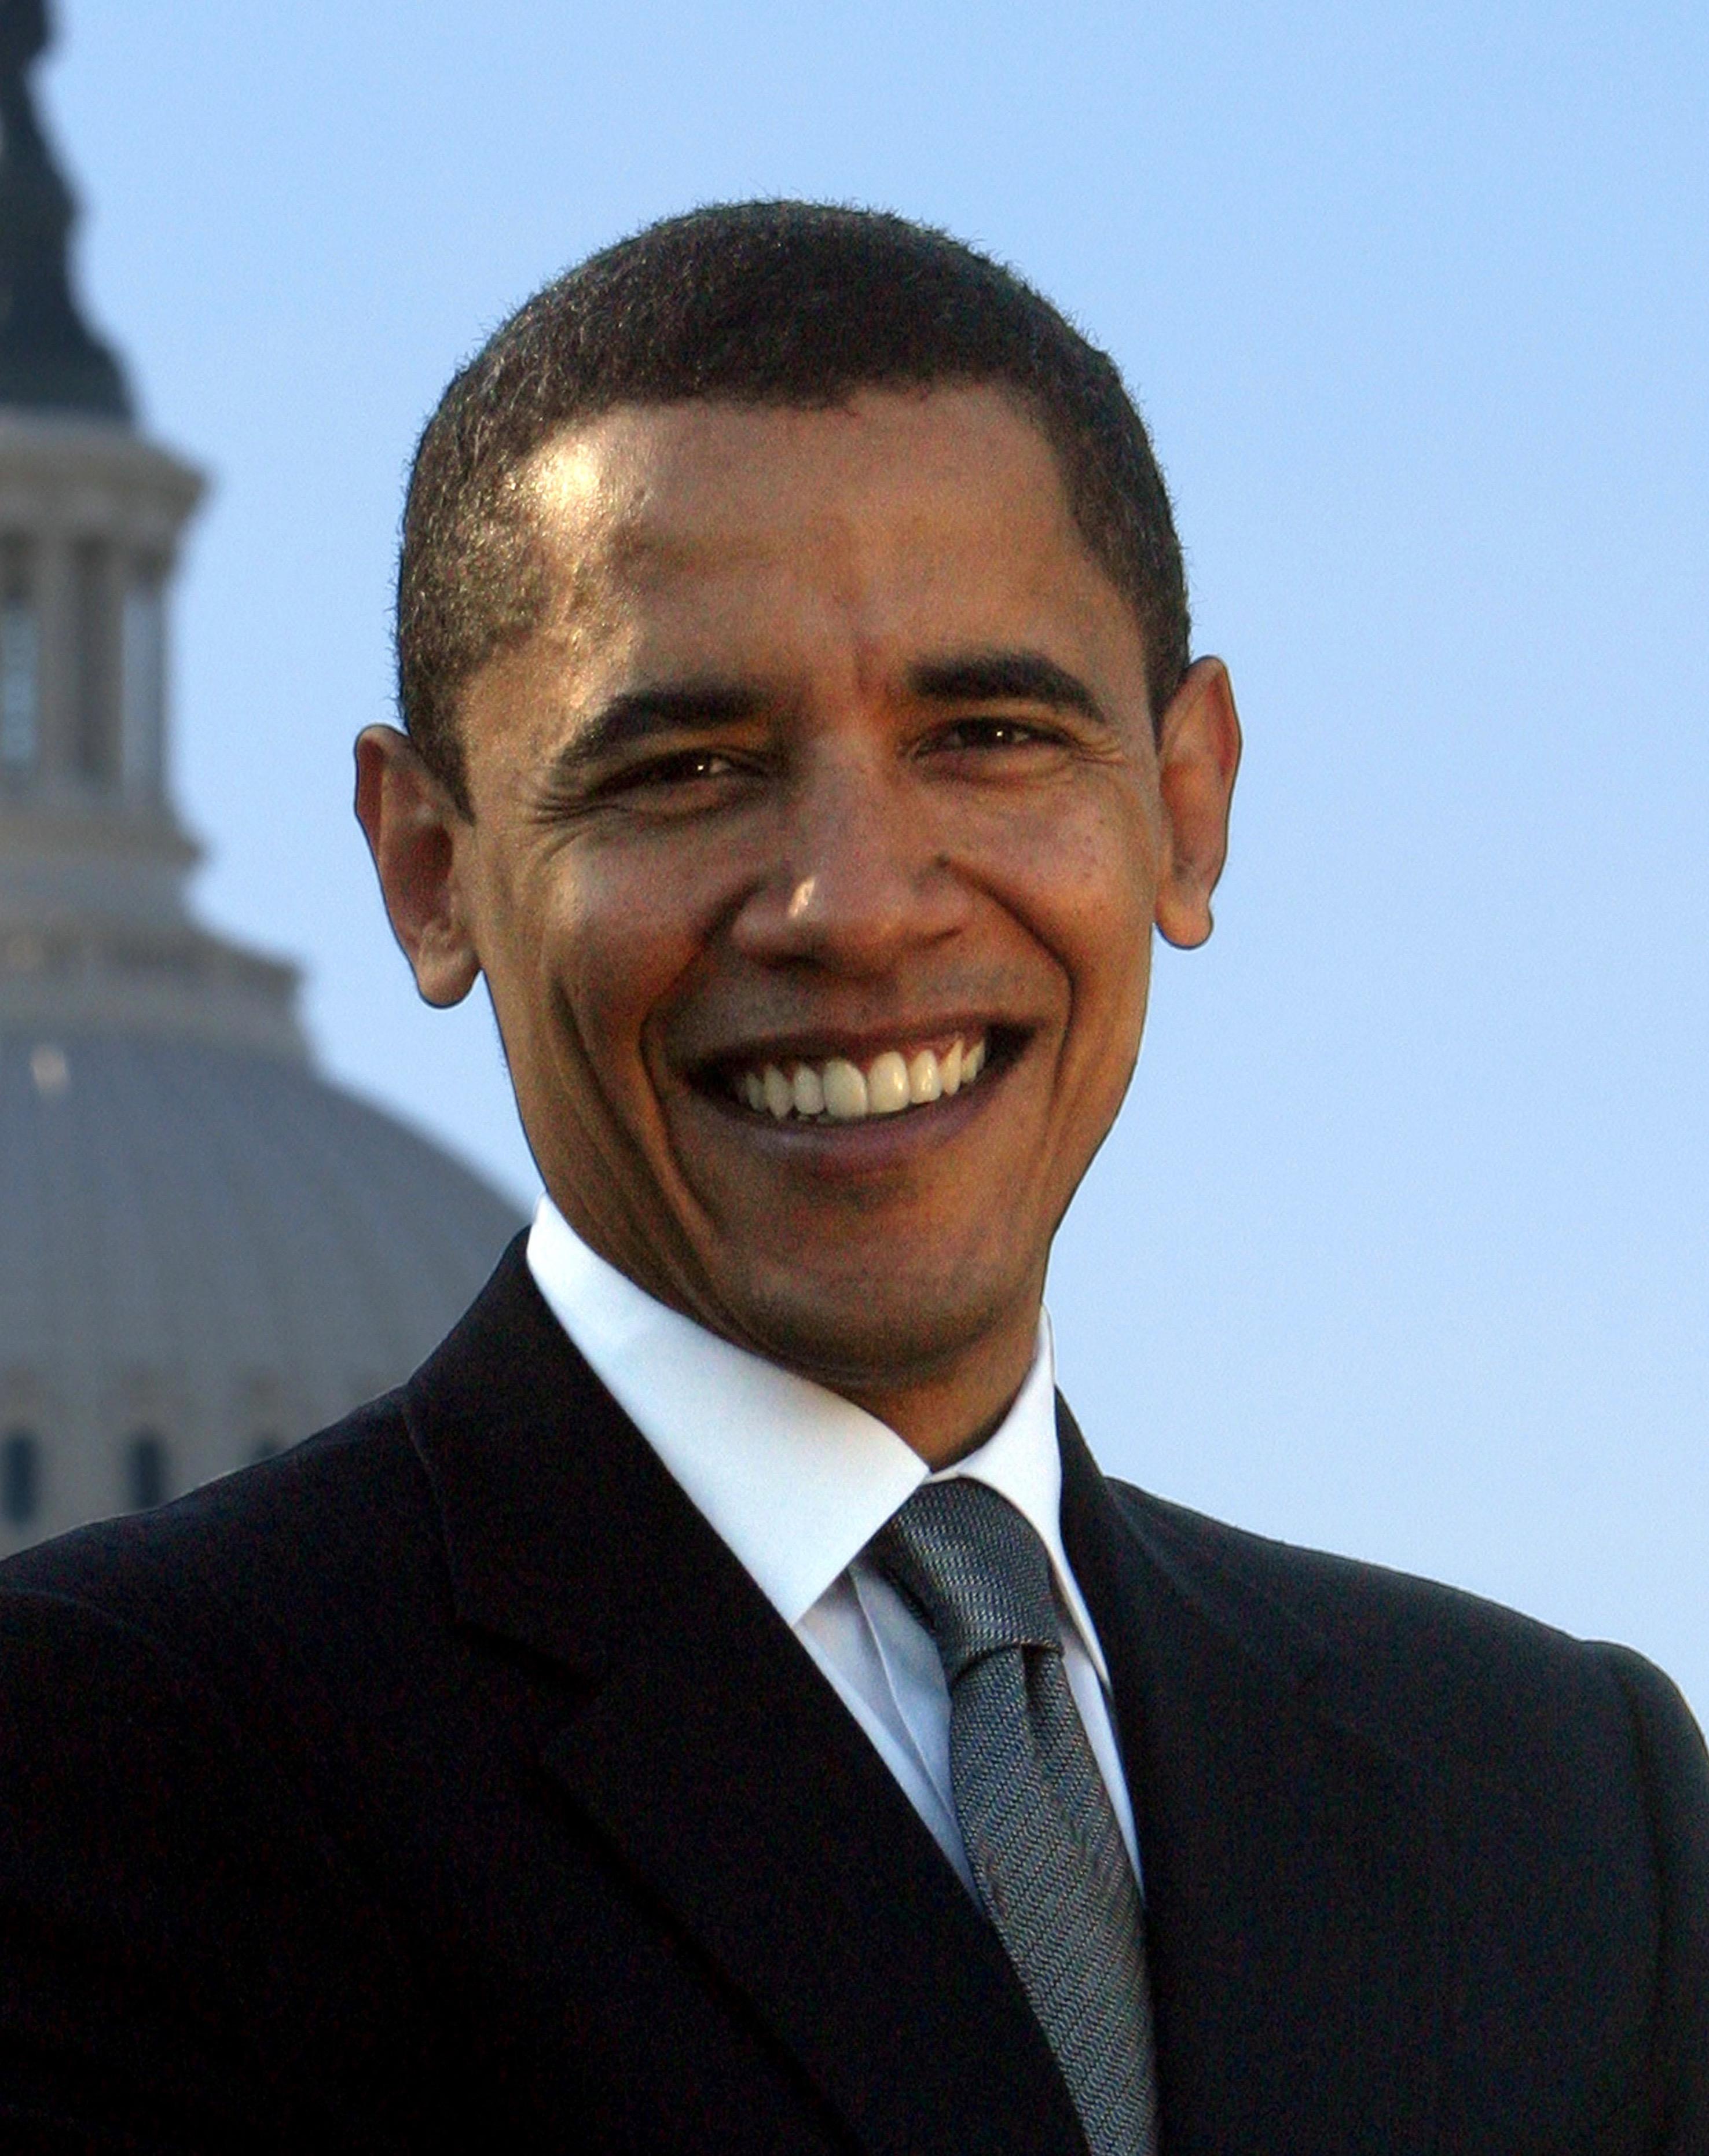 Elecciones Presidenciales de Estados Unidos de 2008 (Kennedy's America)